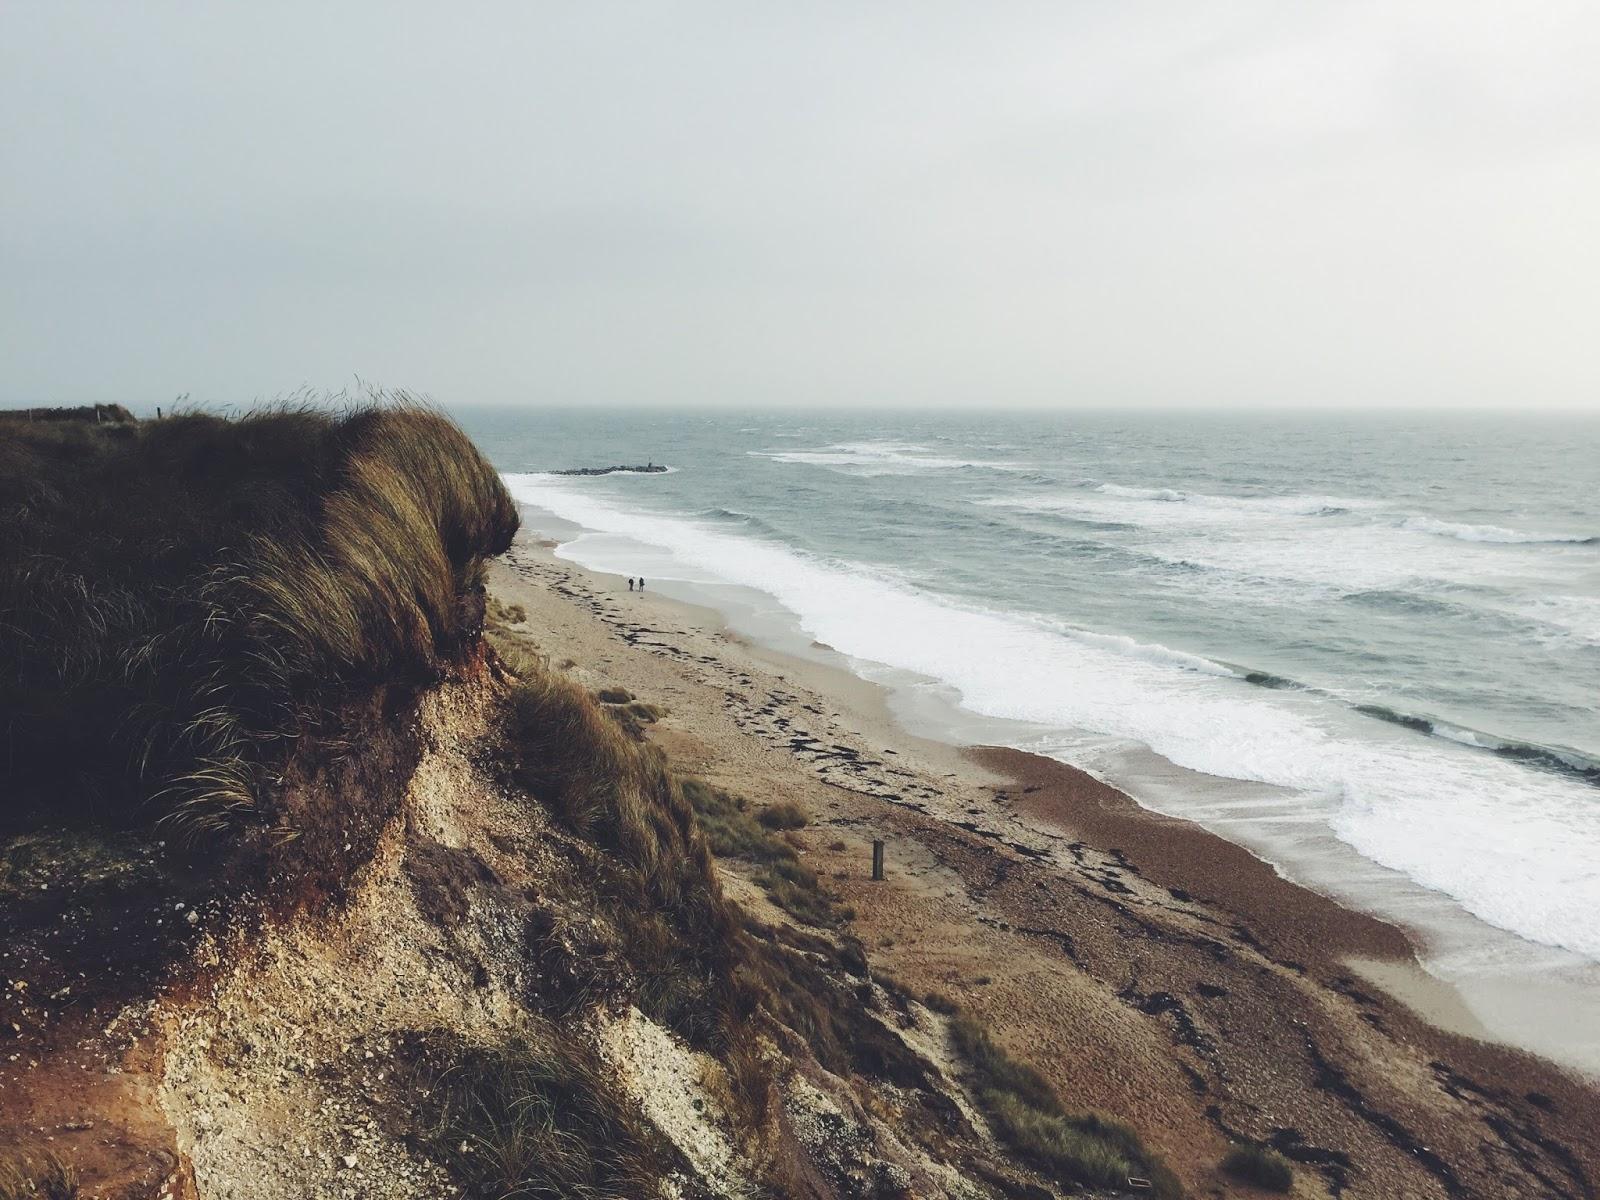 A craggy coastline